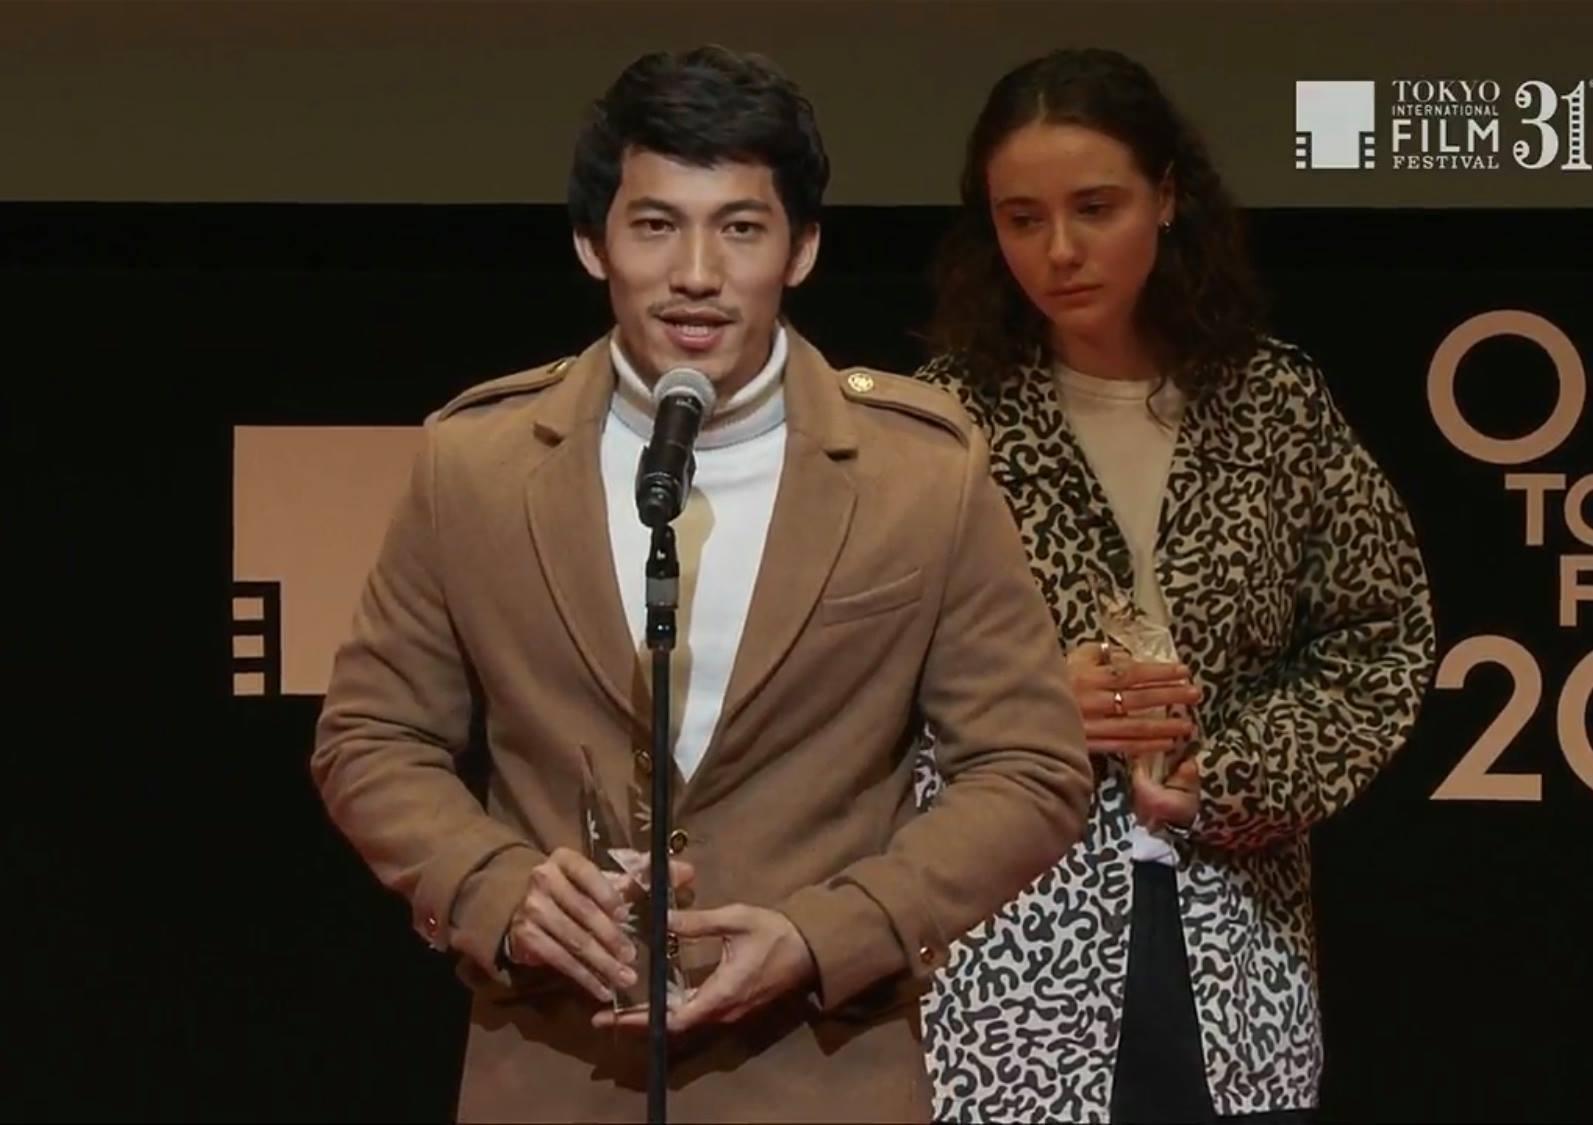 Liên Bỉnh Phát nhận giải thưởng Tokyo Gemstone 5